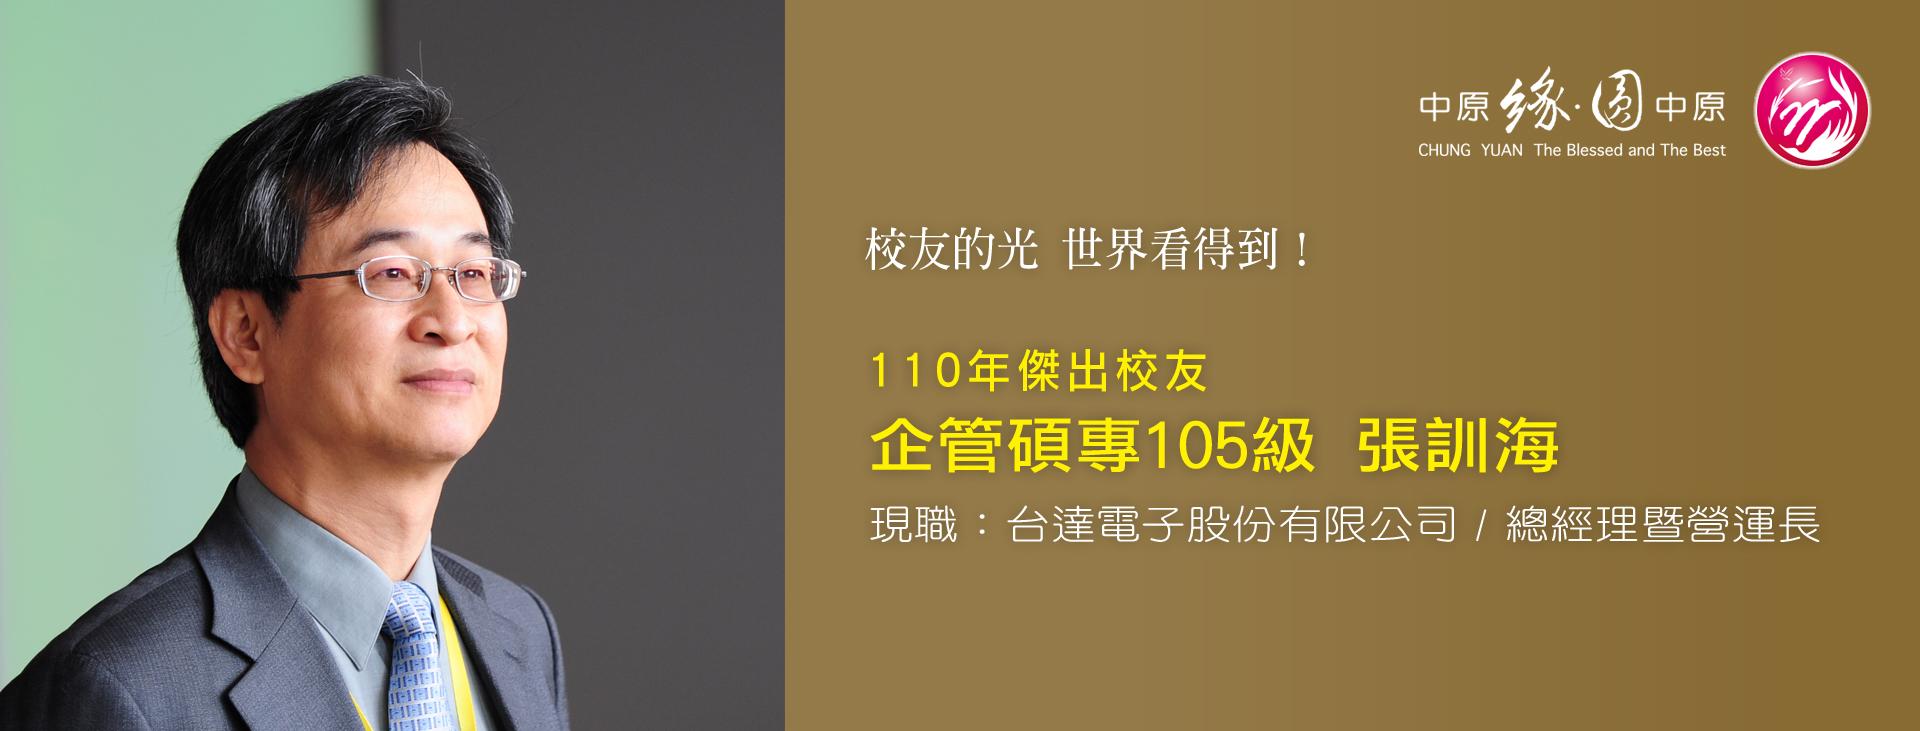 110年傑出校友_企管碩專105級 張訓海